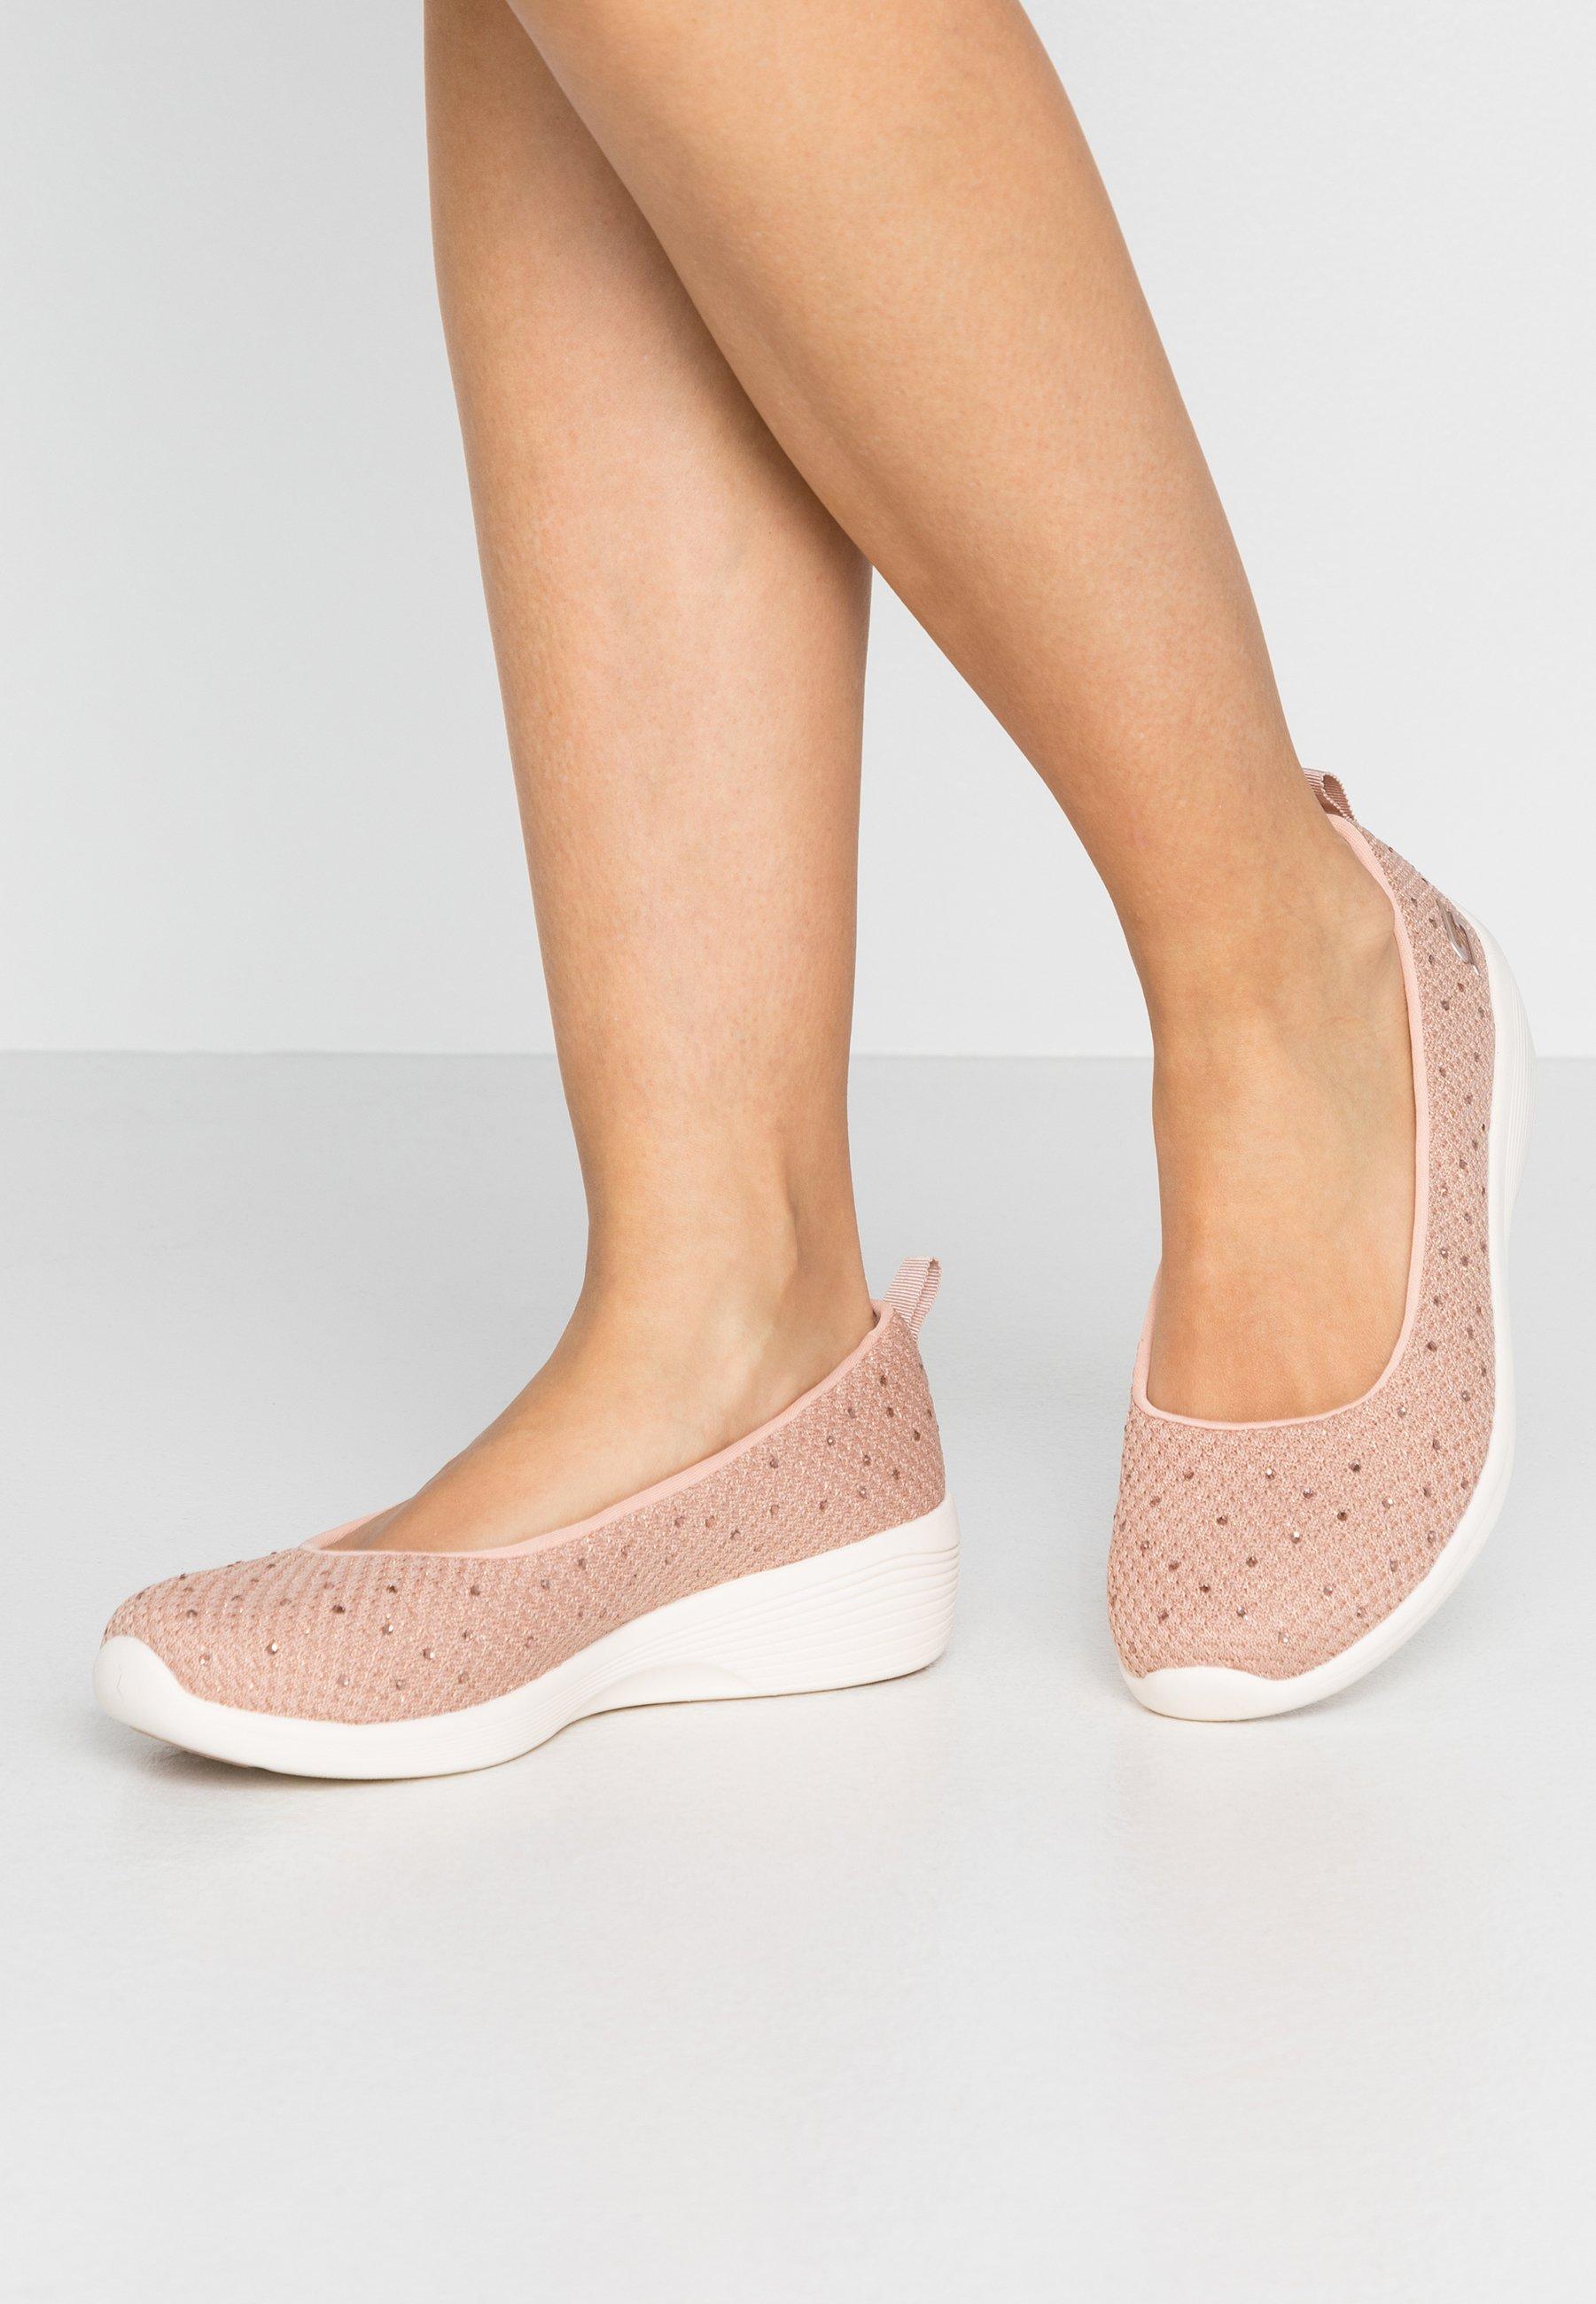 Women ARYA - Ballet pumps - rose metallic/offwhite/rose gold